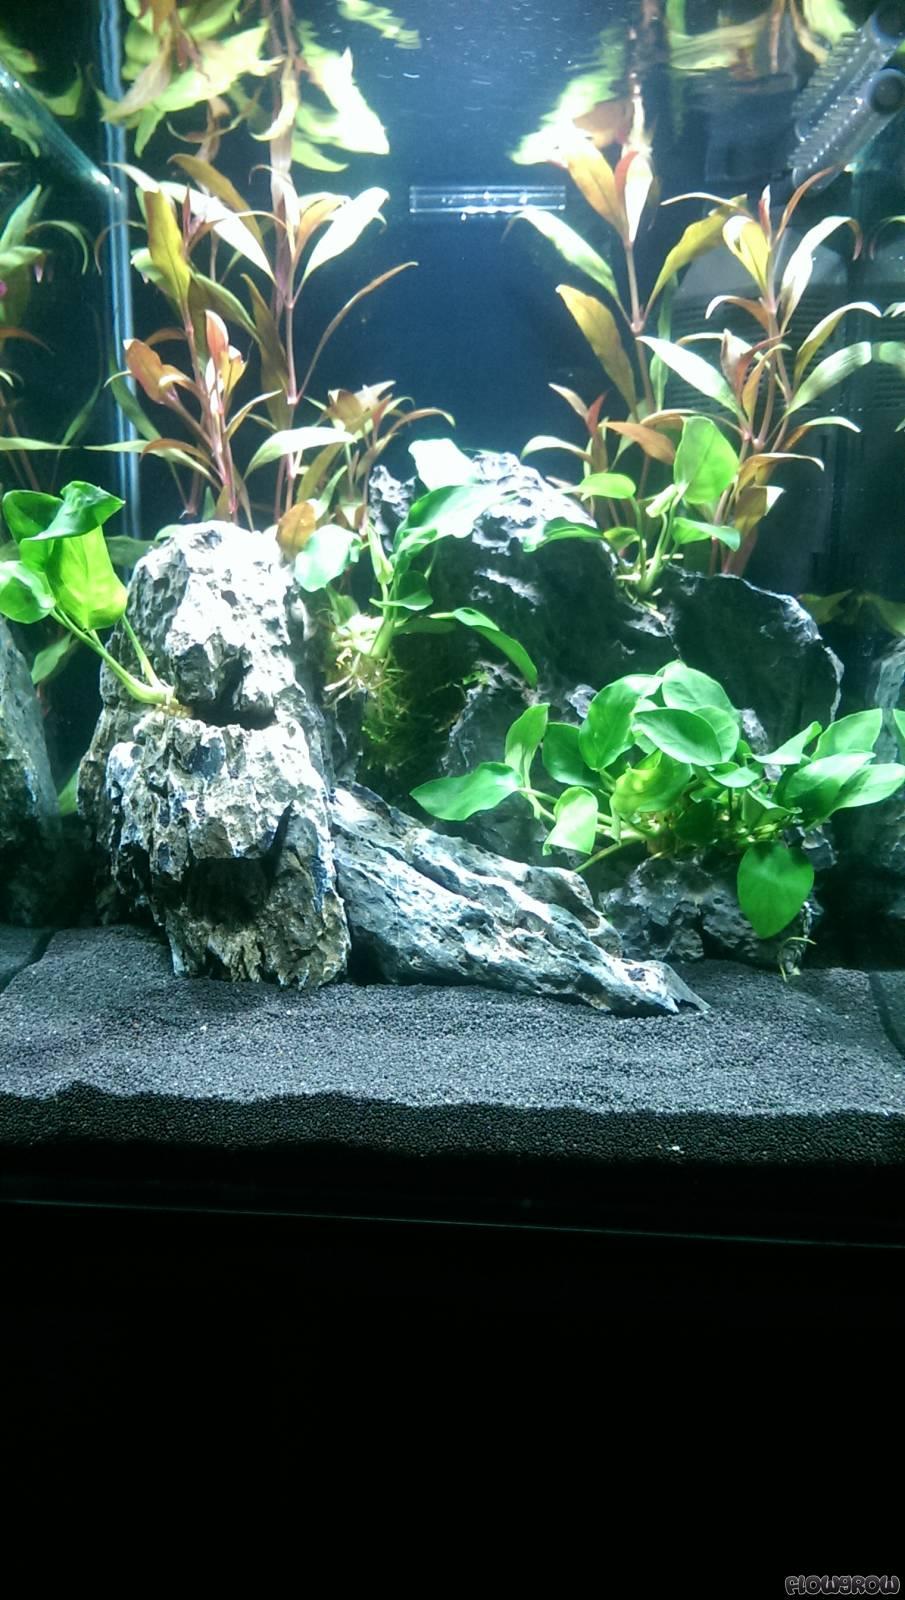 stoni flowgrow aquascape aquarien datenbank. Black Bedroom Furniture Sets. Home Design Ideas